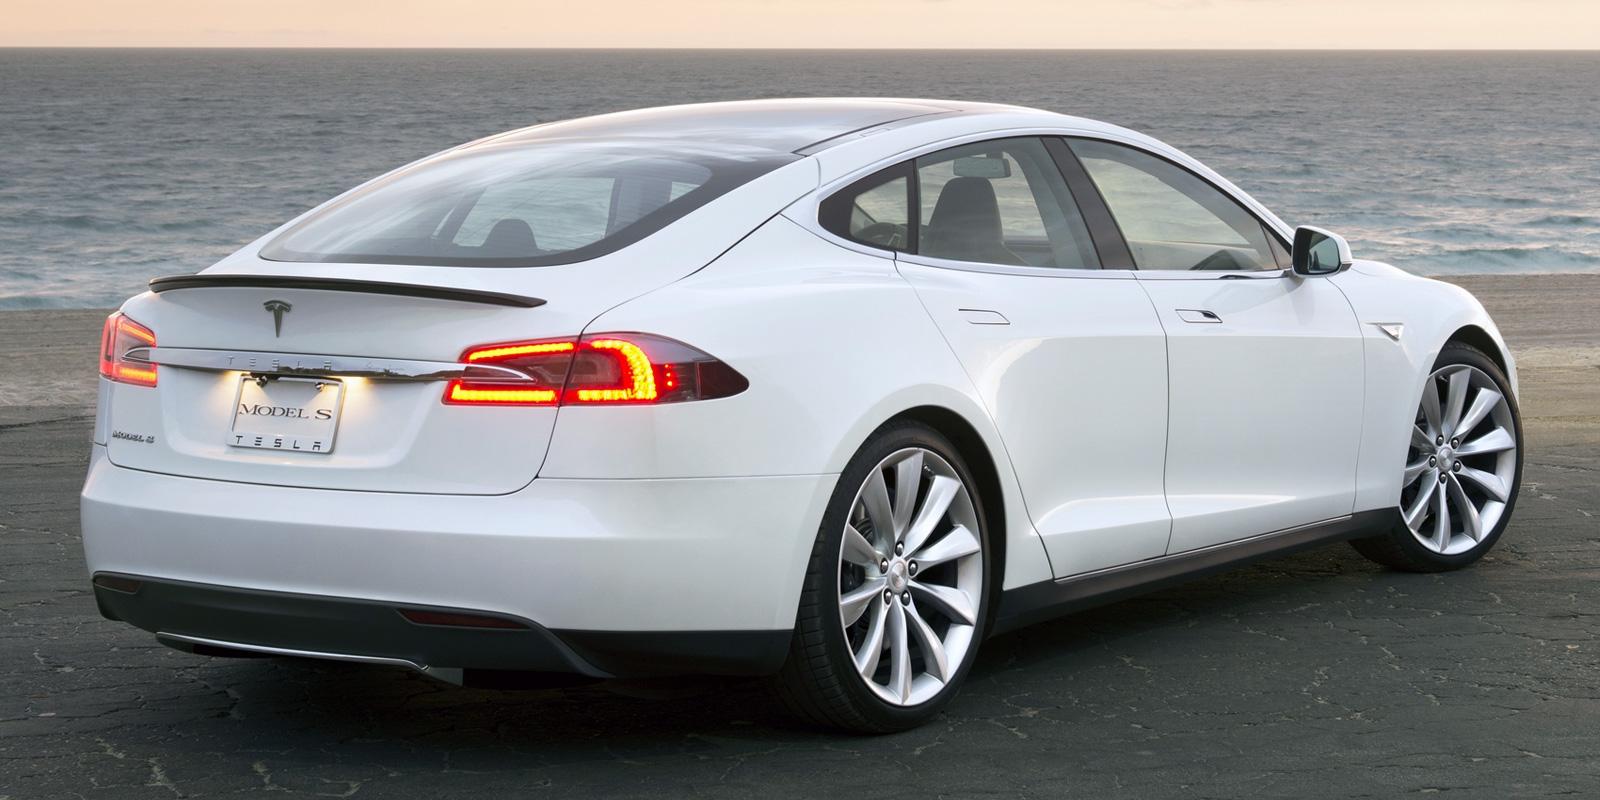 Злоумышленник случайно угнал Tesla за миллион долларов, но дело не в машине